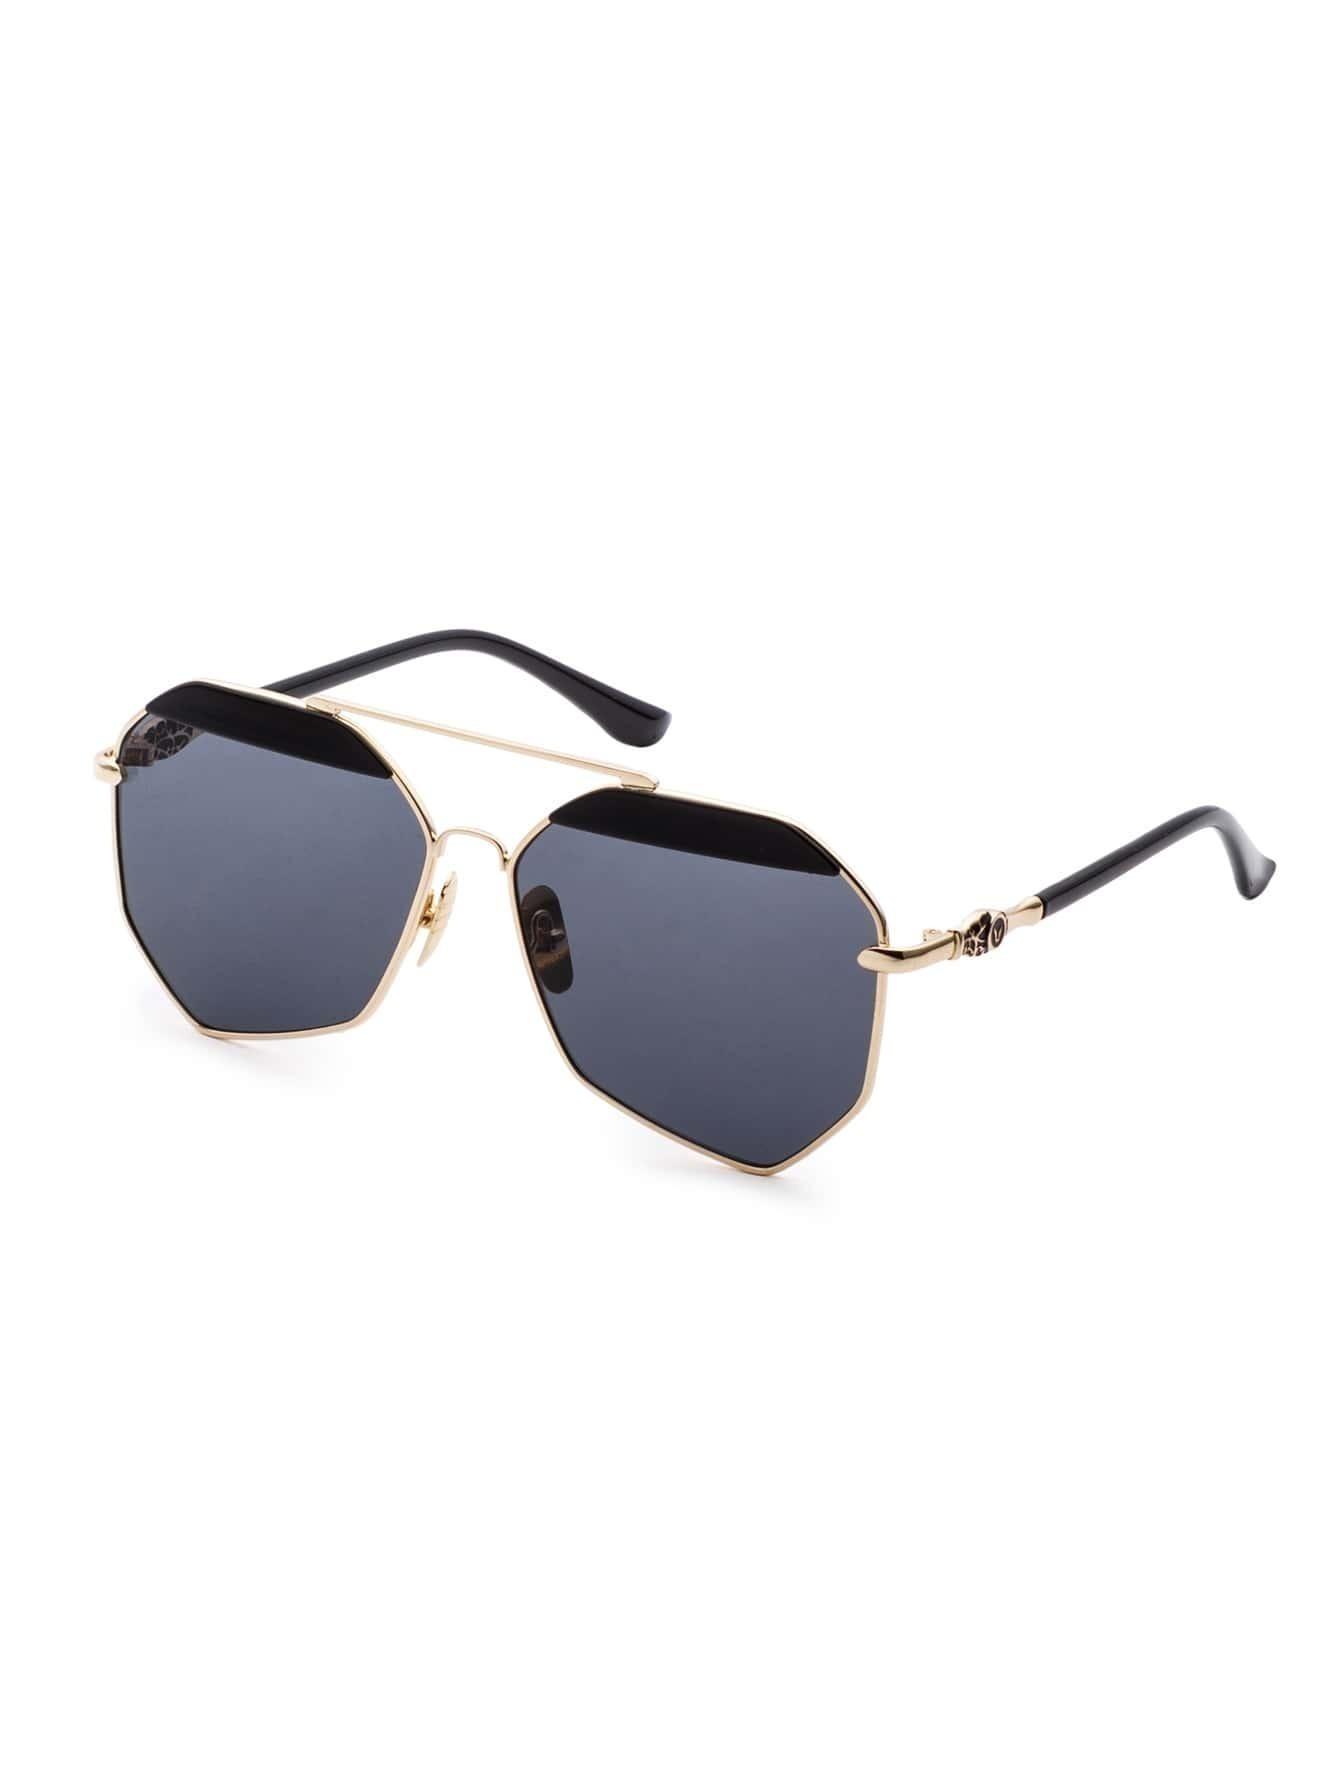 Golden Frame Black Sunglasses : Gold Frame Double Bridge Black Polygon Lens Sunglasses